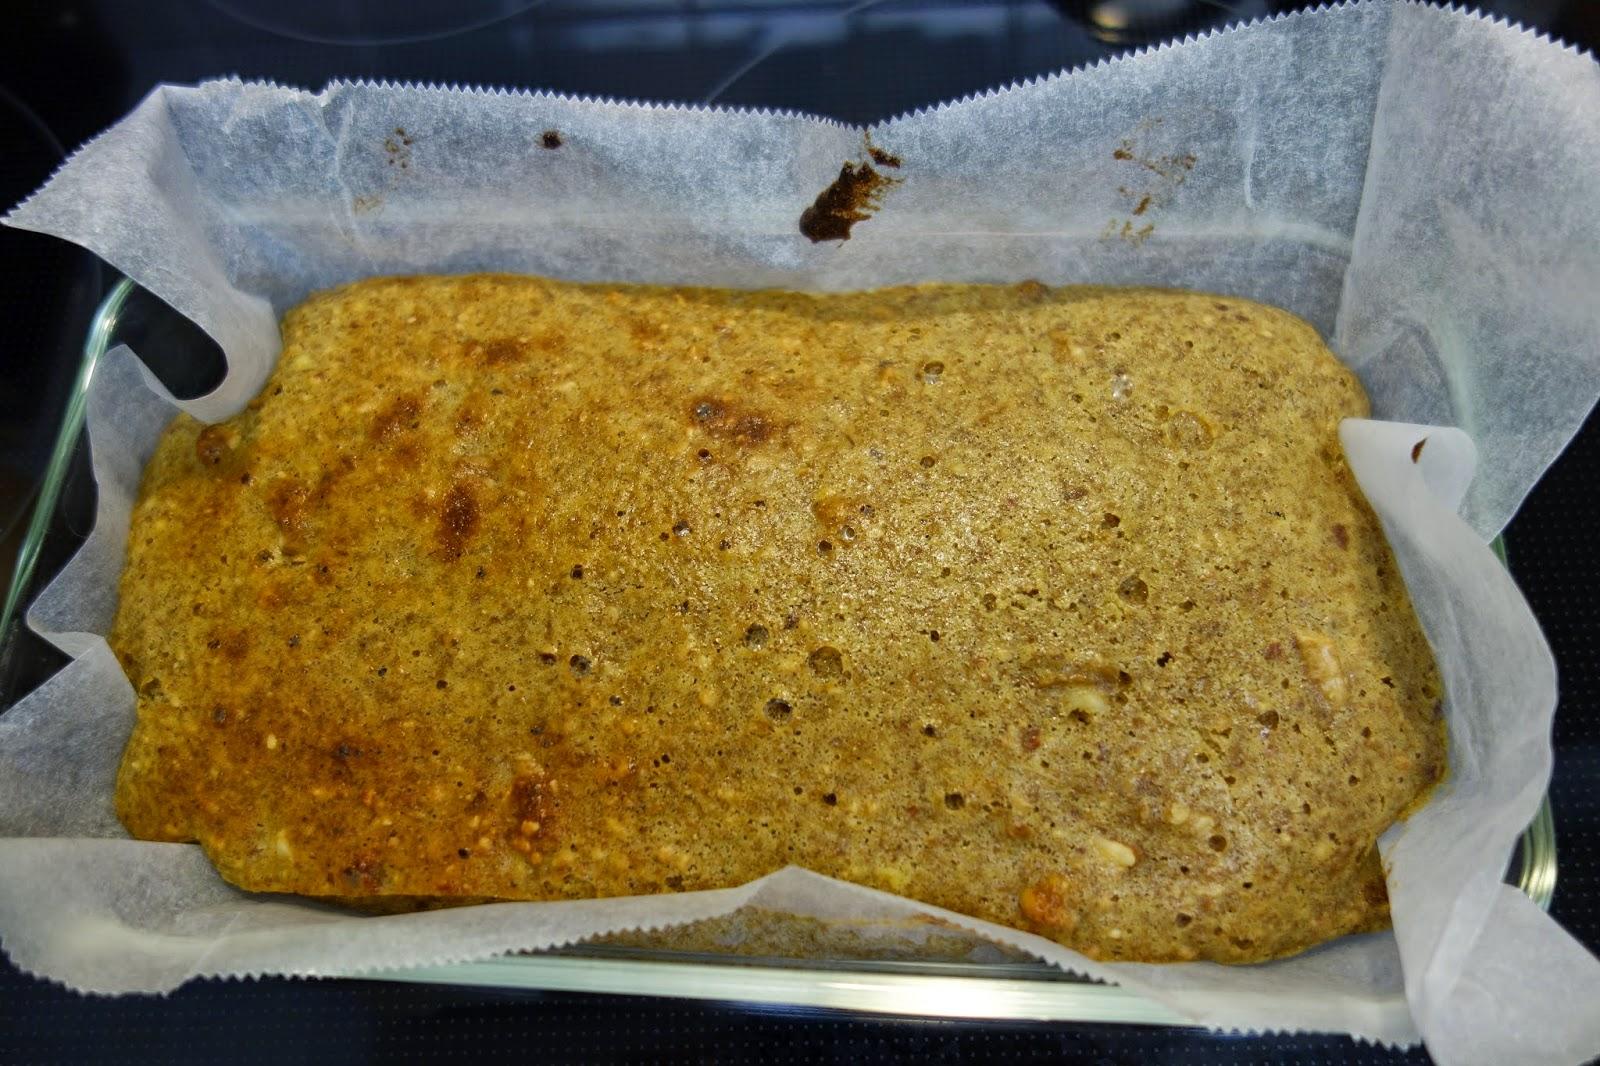 ダイエットに痩せるお菓子として、食物繊維たっぷり低糖質 アーモンドケーキはいかが? ふすまグルテン、ベーキングパウダーBP、とラカント、アーモンド、クルミ(胡桃)で作りました